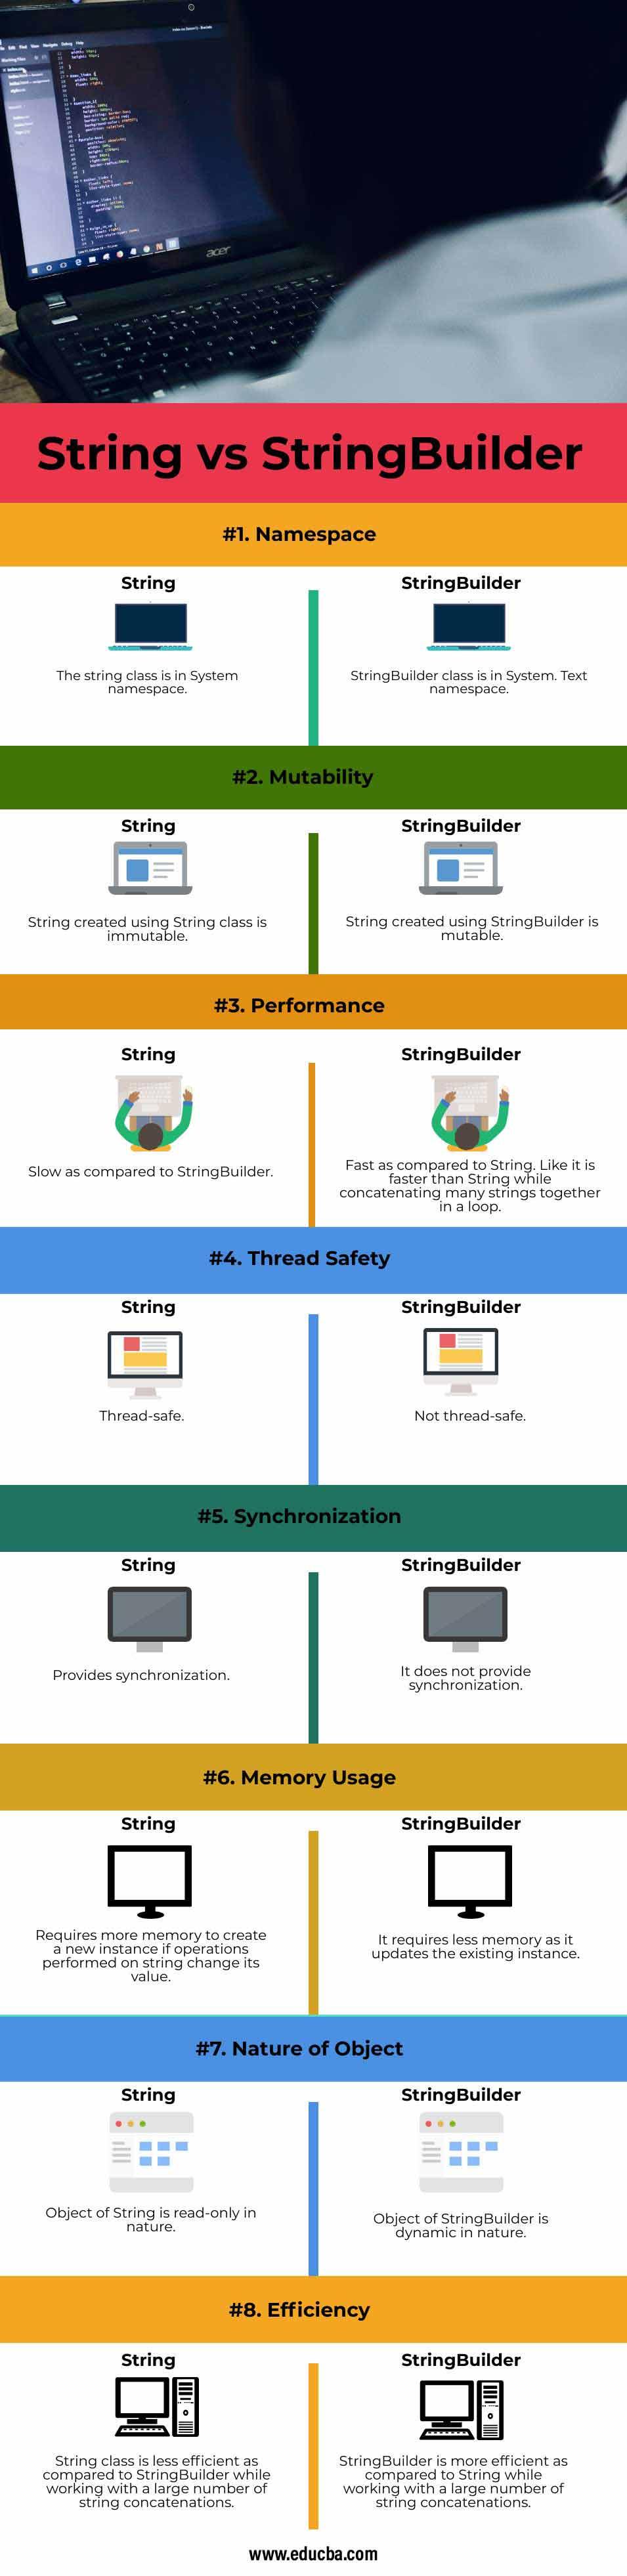 String-vs-StringBuilder-info